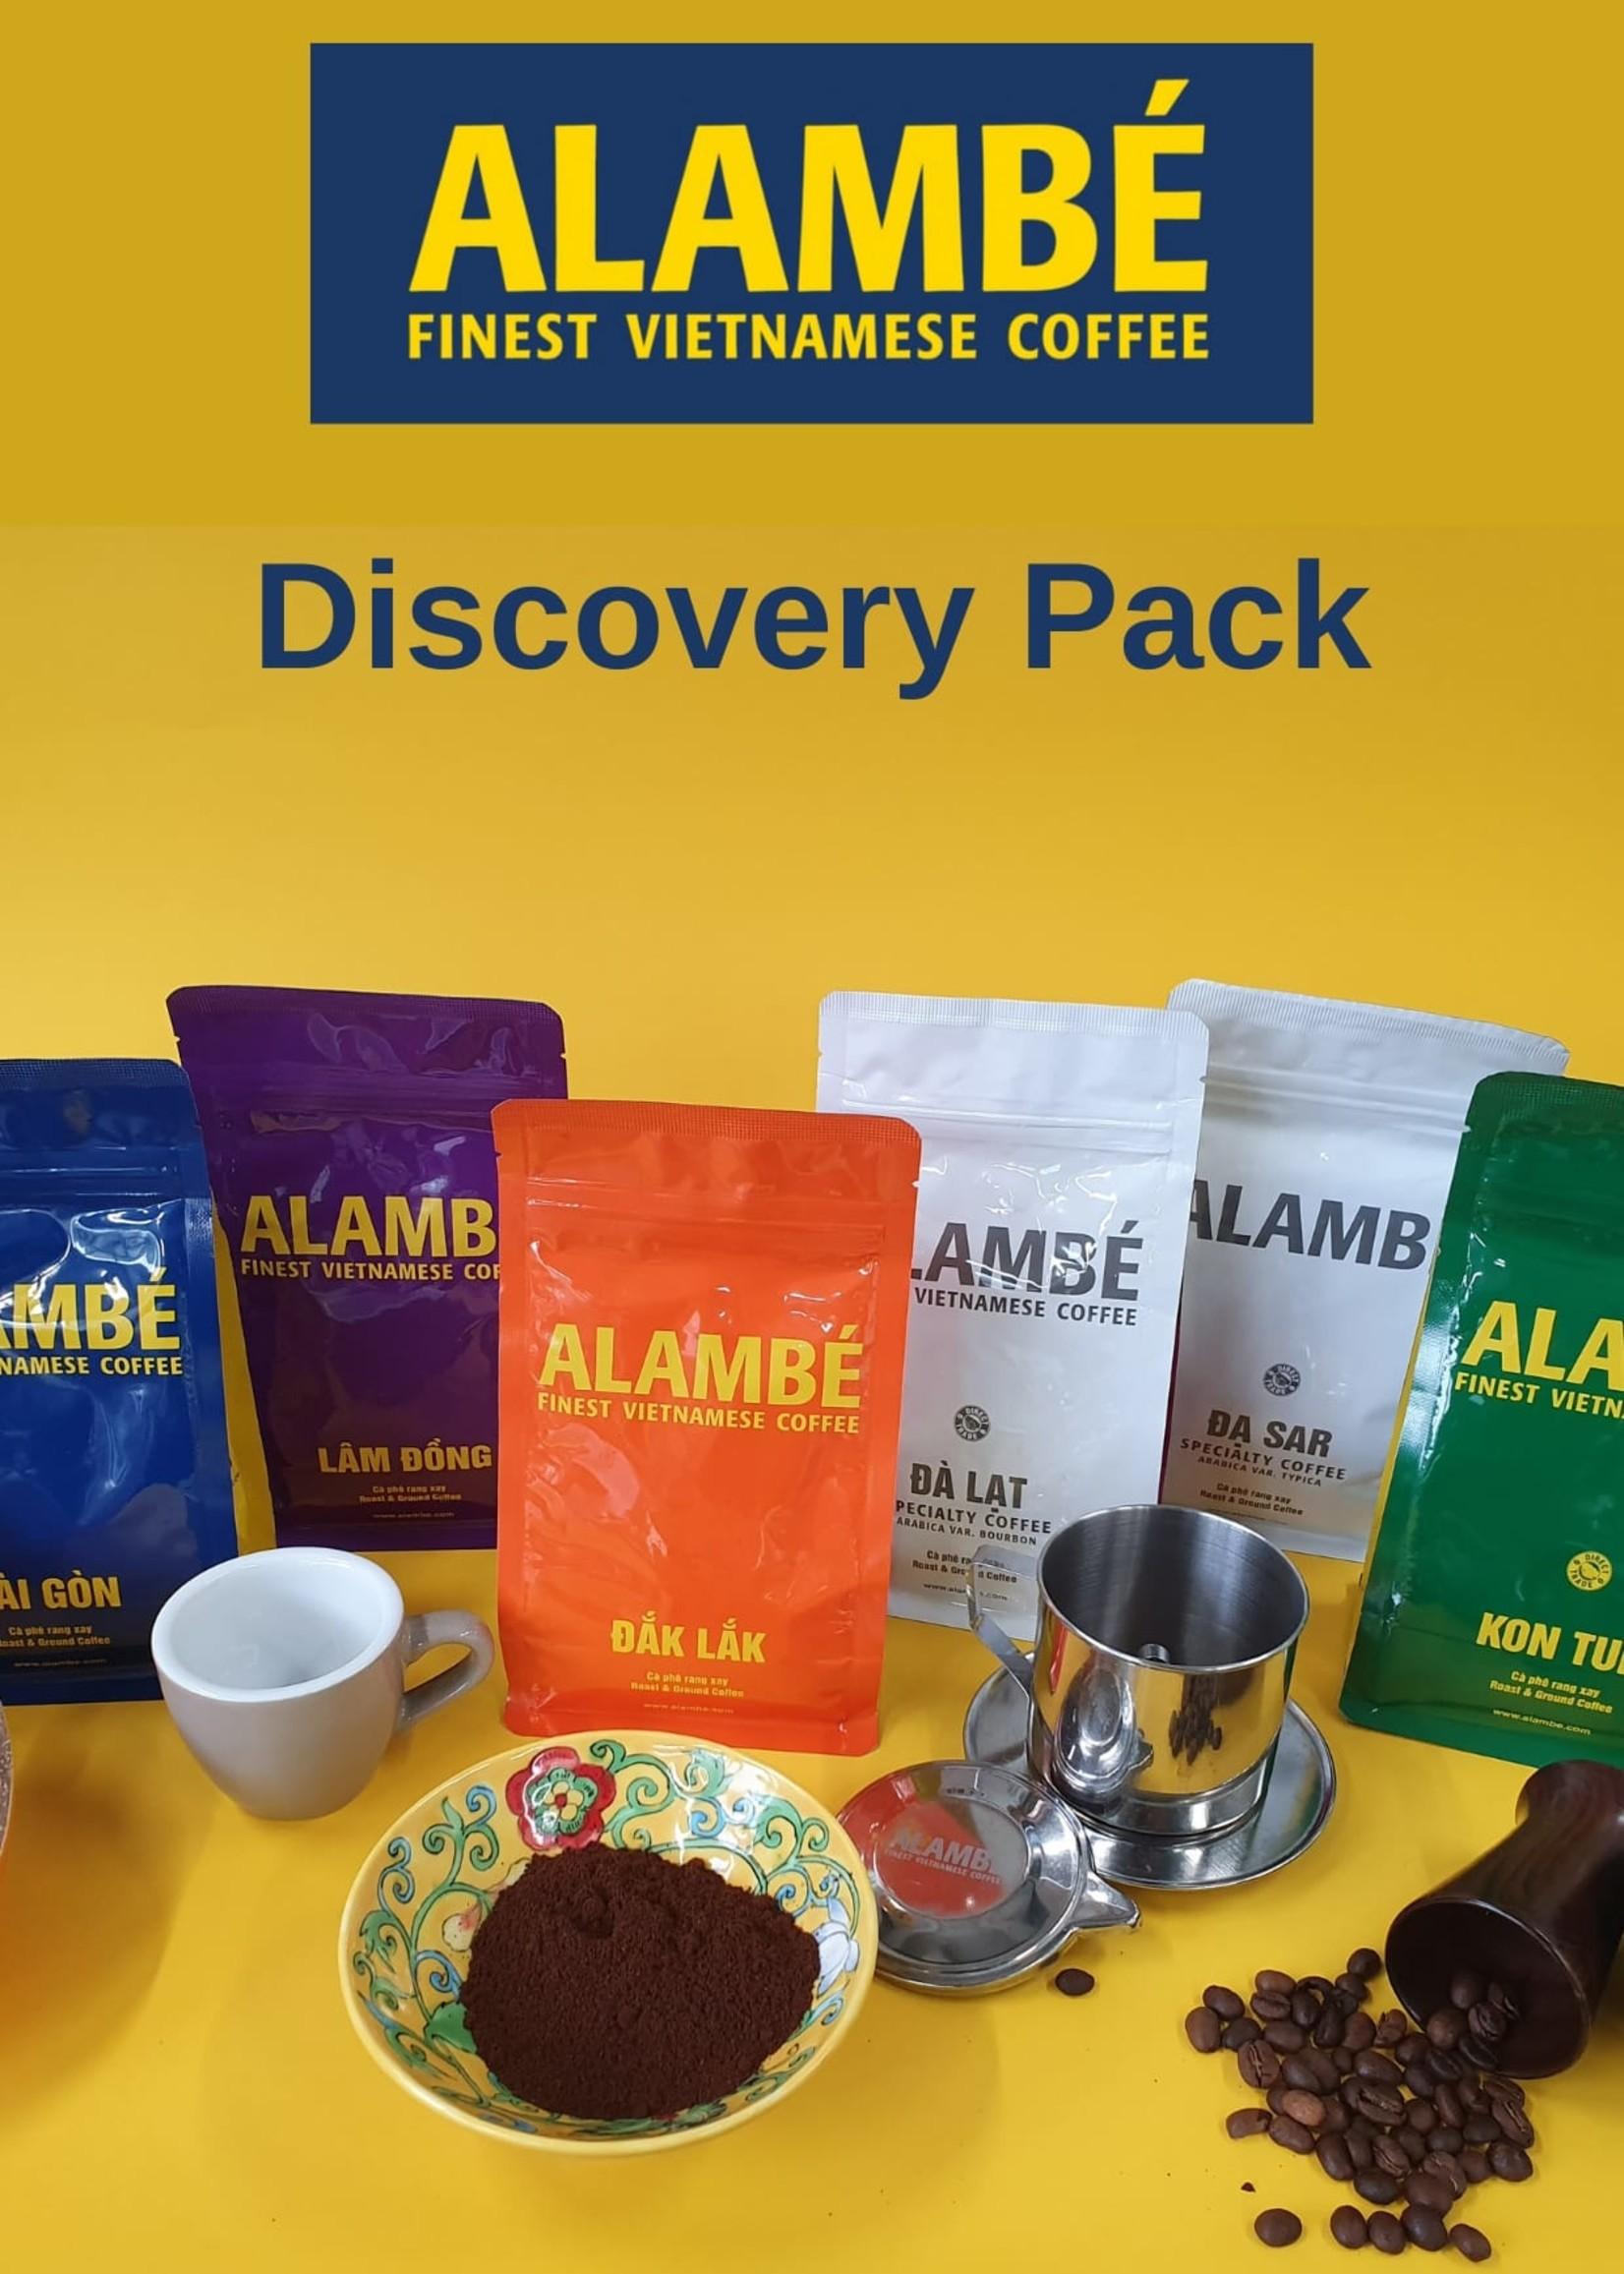 Alambé - Finest Vietnamese Coffee Das Alambé Kaffee Entdeckungspaket (gemahlen)